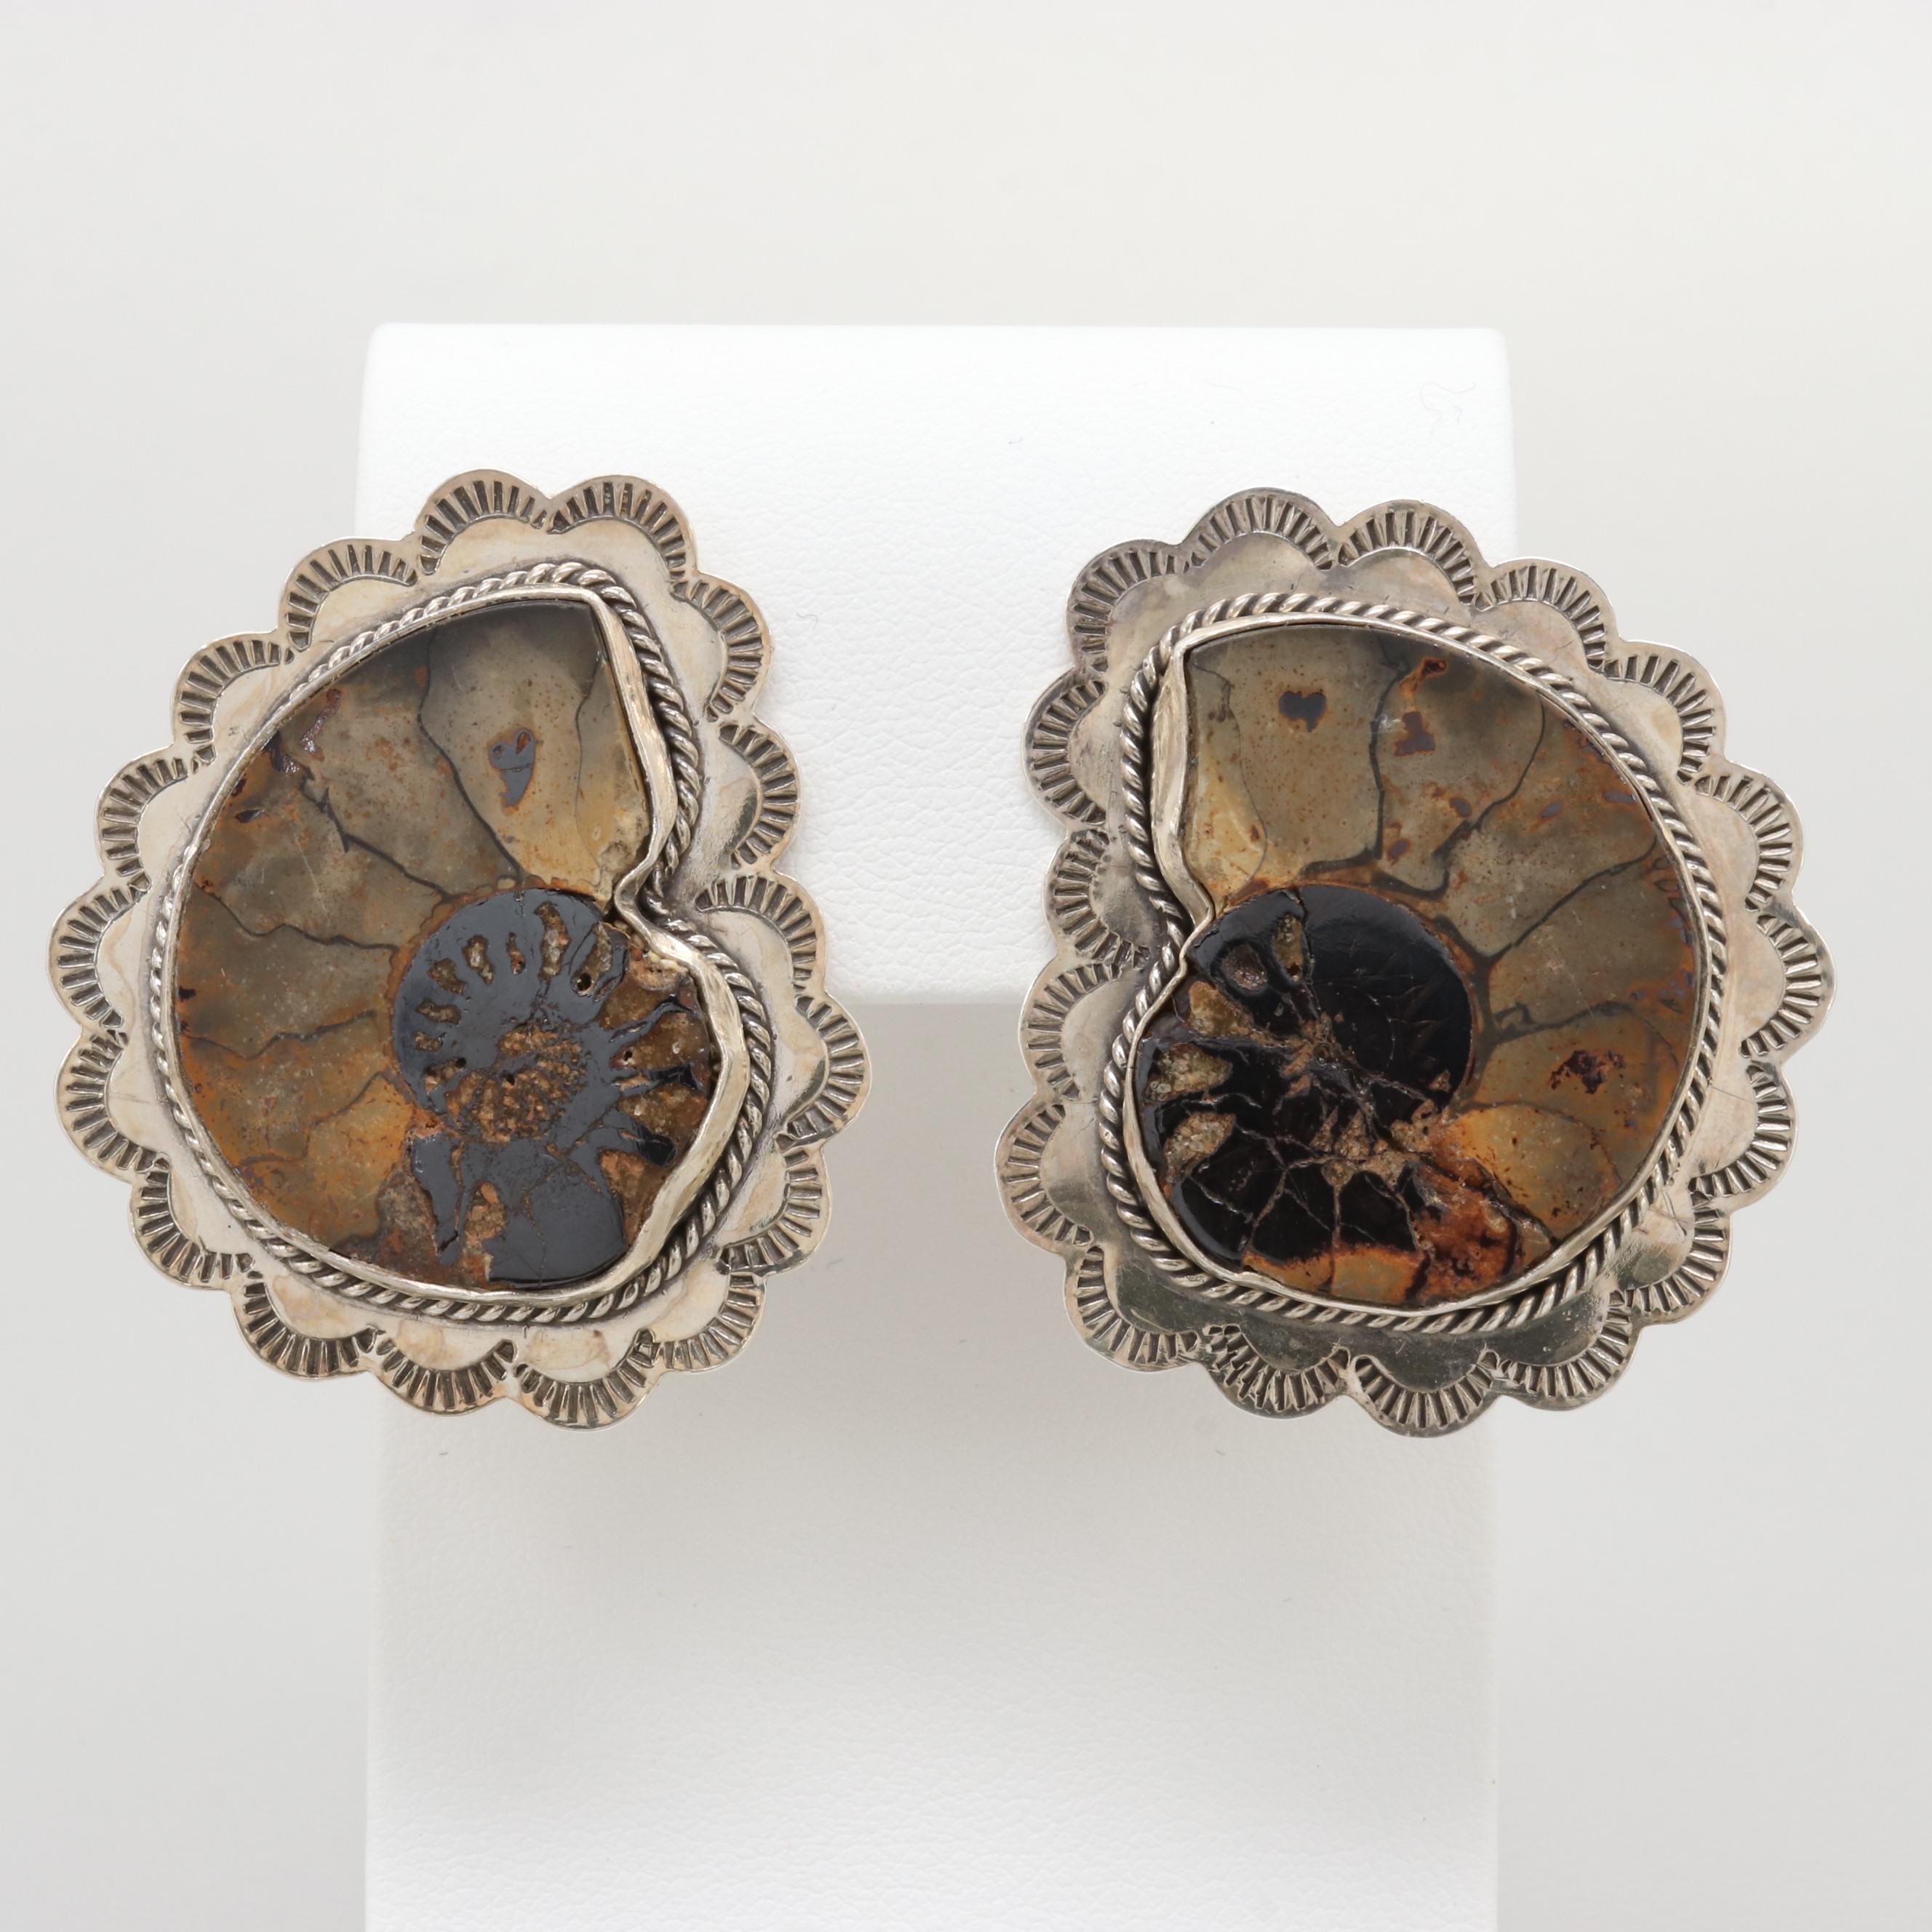 Southwestern Style Jean Slifka Sterling Silver Ammonite Fossil Earrings